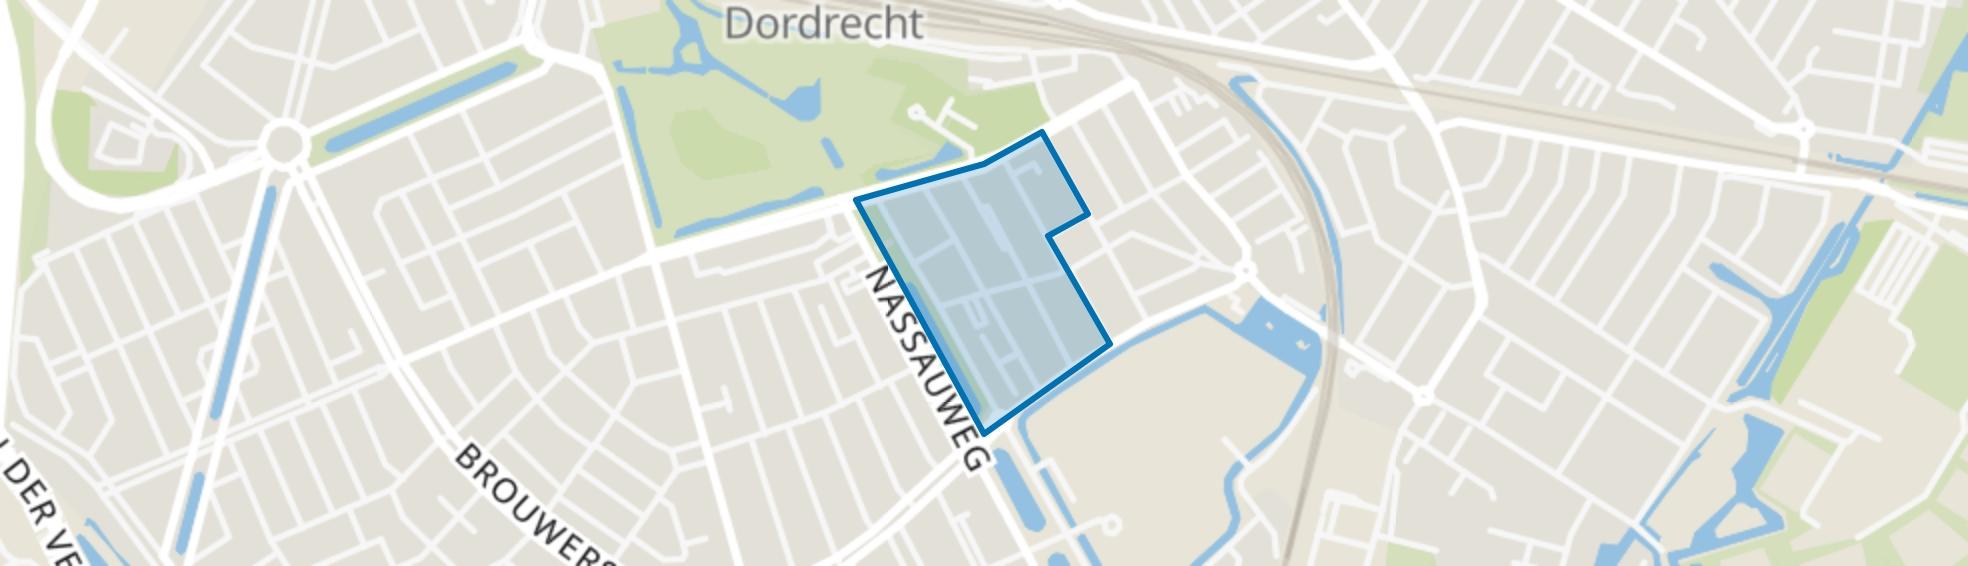 Anna Paulownastraat en omgeving, Dordrecht map